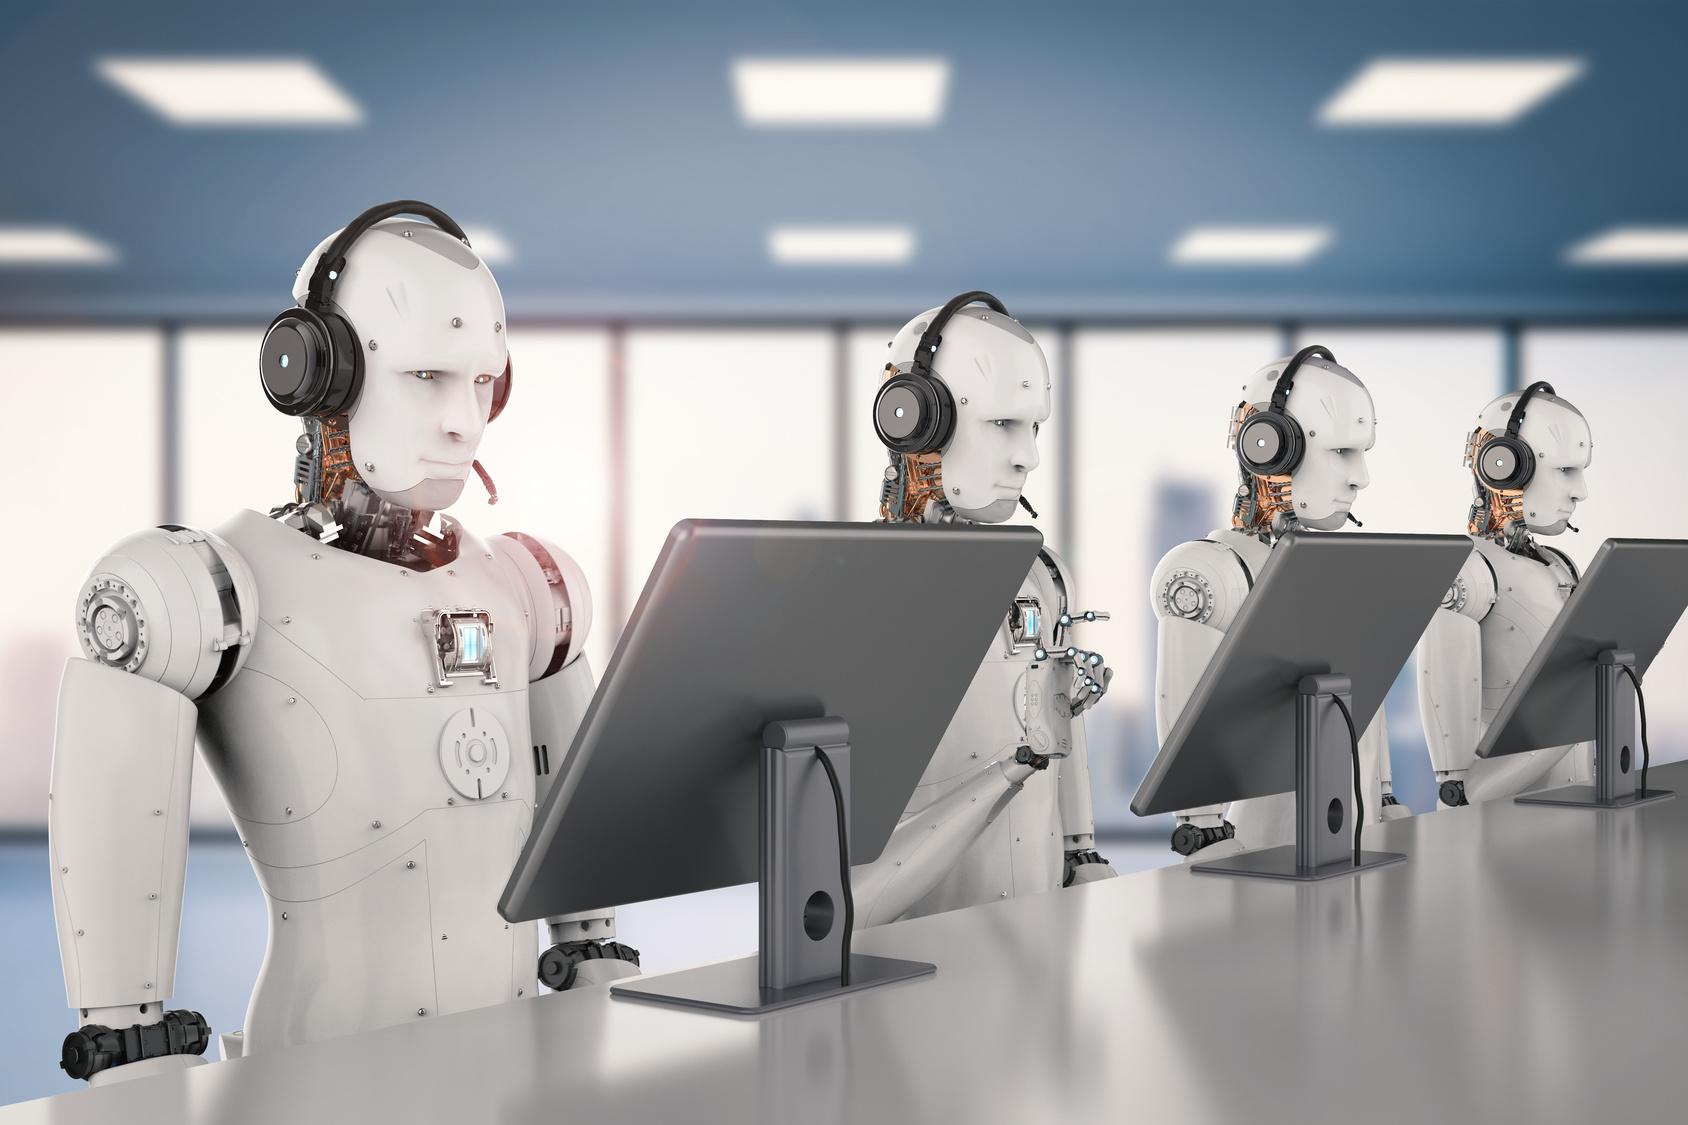 robots working ile ilgili görsel sonucu